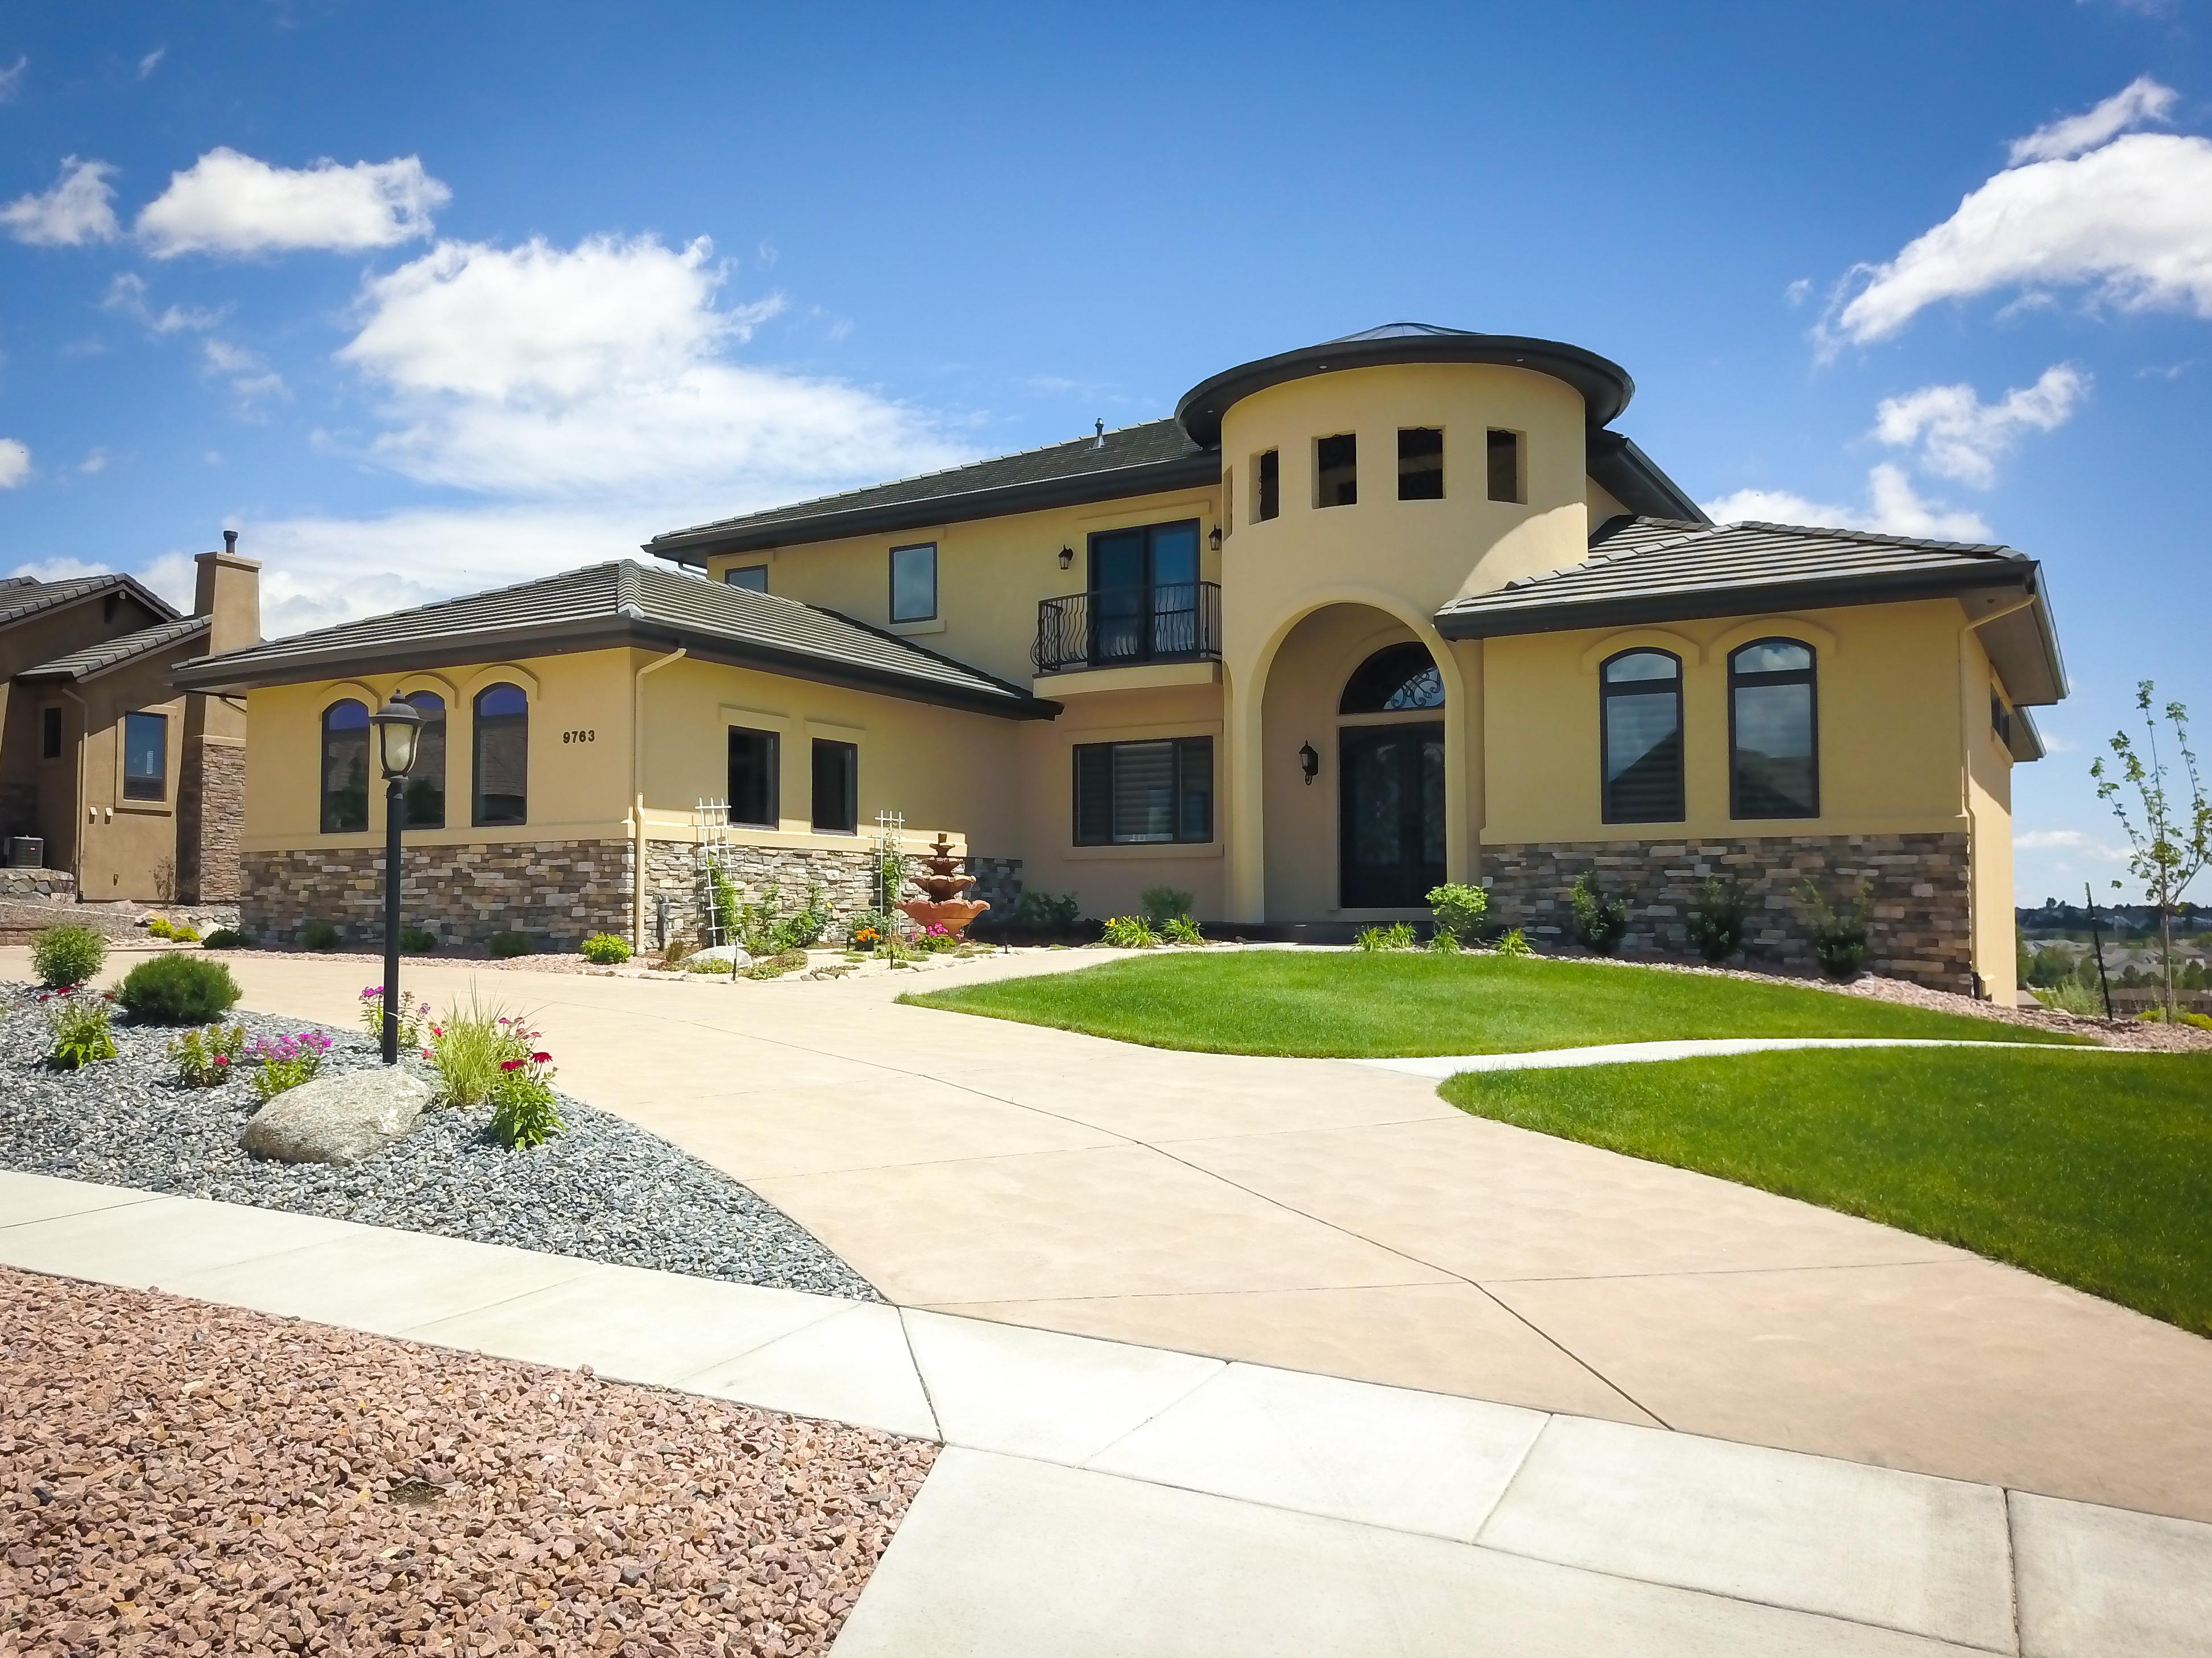 Custom homes colorado springs new home builders for Modern homes colorado springs